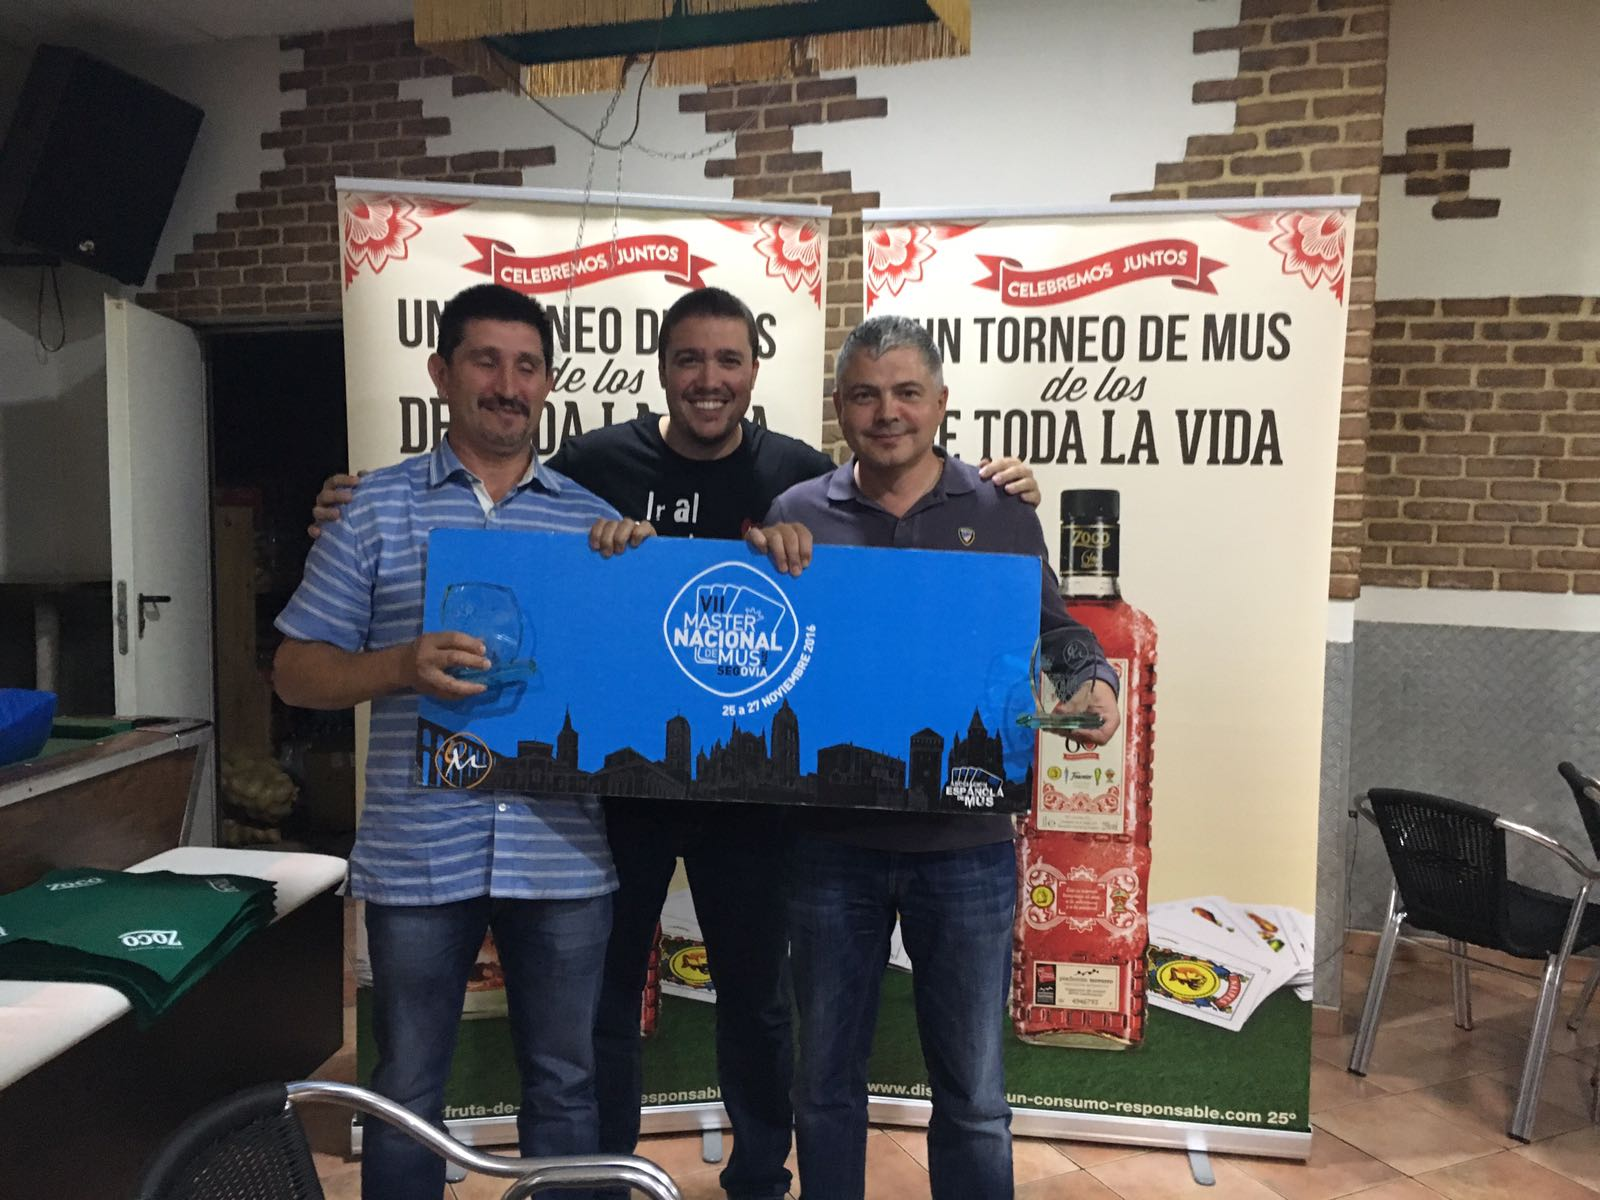 Manuel Antonio Prada y Miguel, Campeones del I Campionato Galicia Este